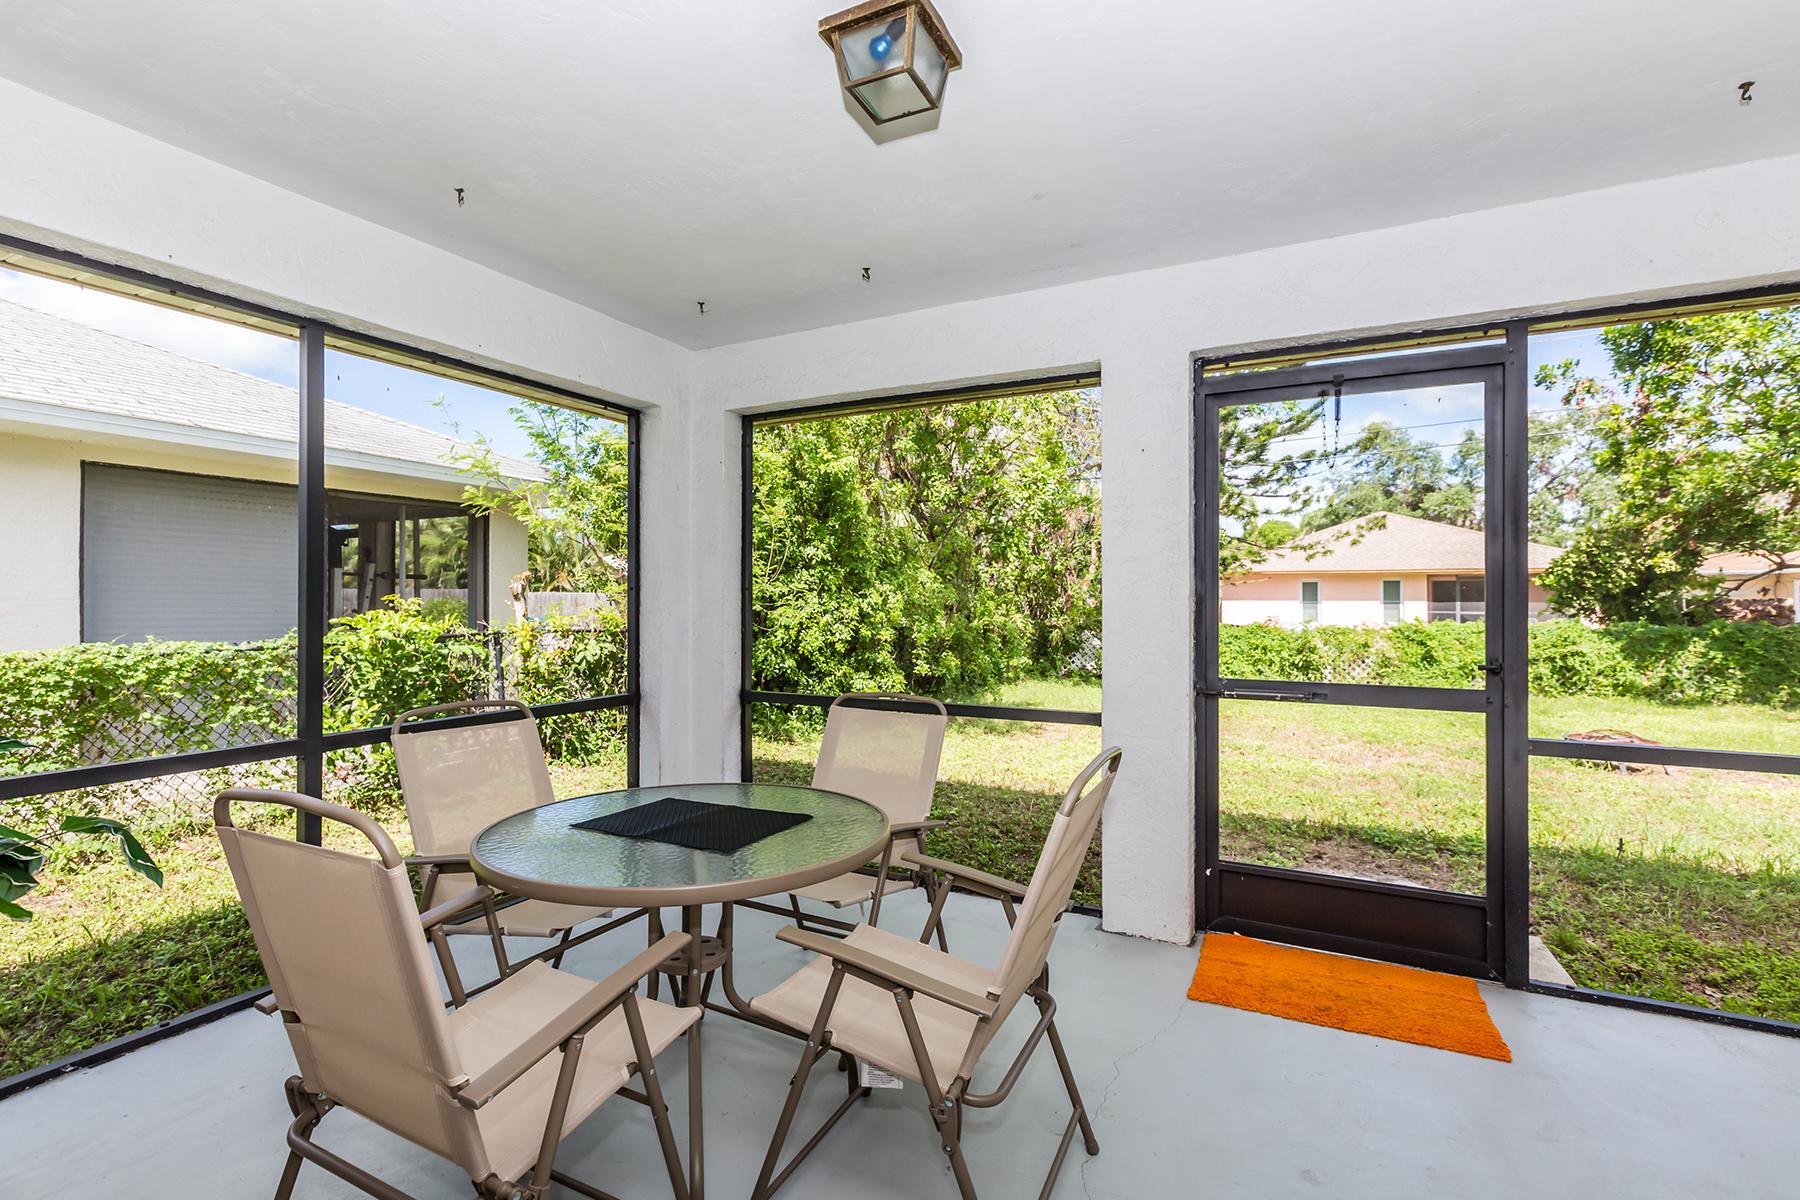 一戸建て のために 売買 アット NAPLES PARK 529 102nd Ave N, Naples, フロリダ, 34108 アメリカ合衆国